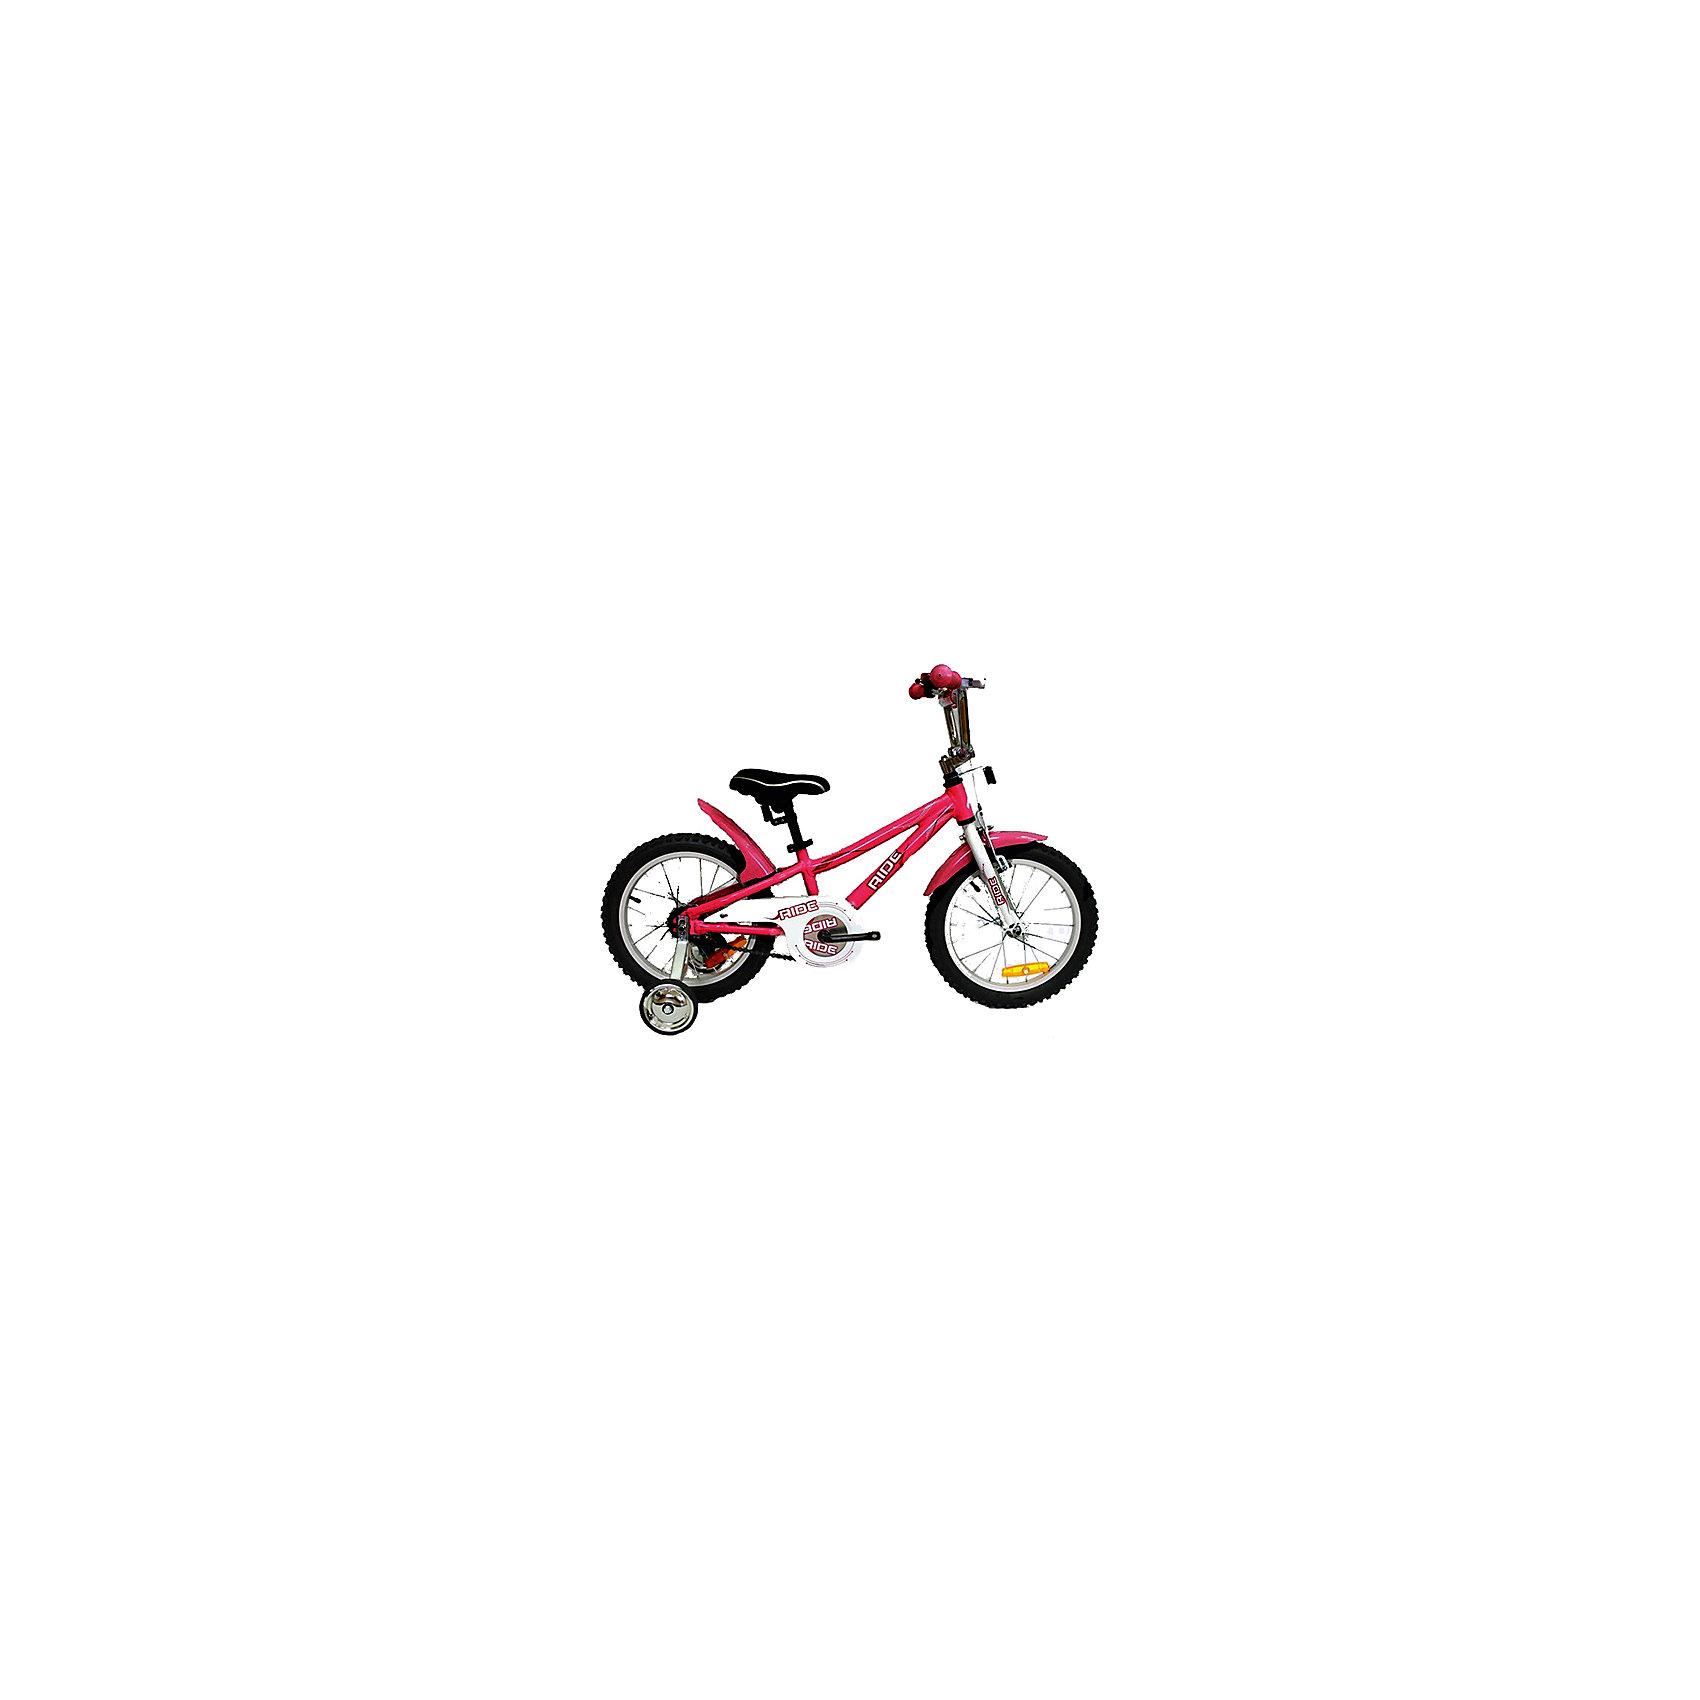 ве-лосипе-д-ride-mars-те-мно-розовый